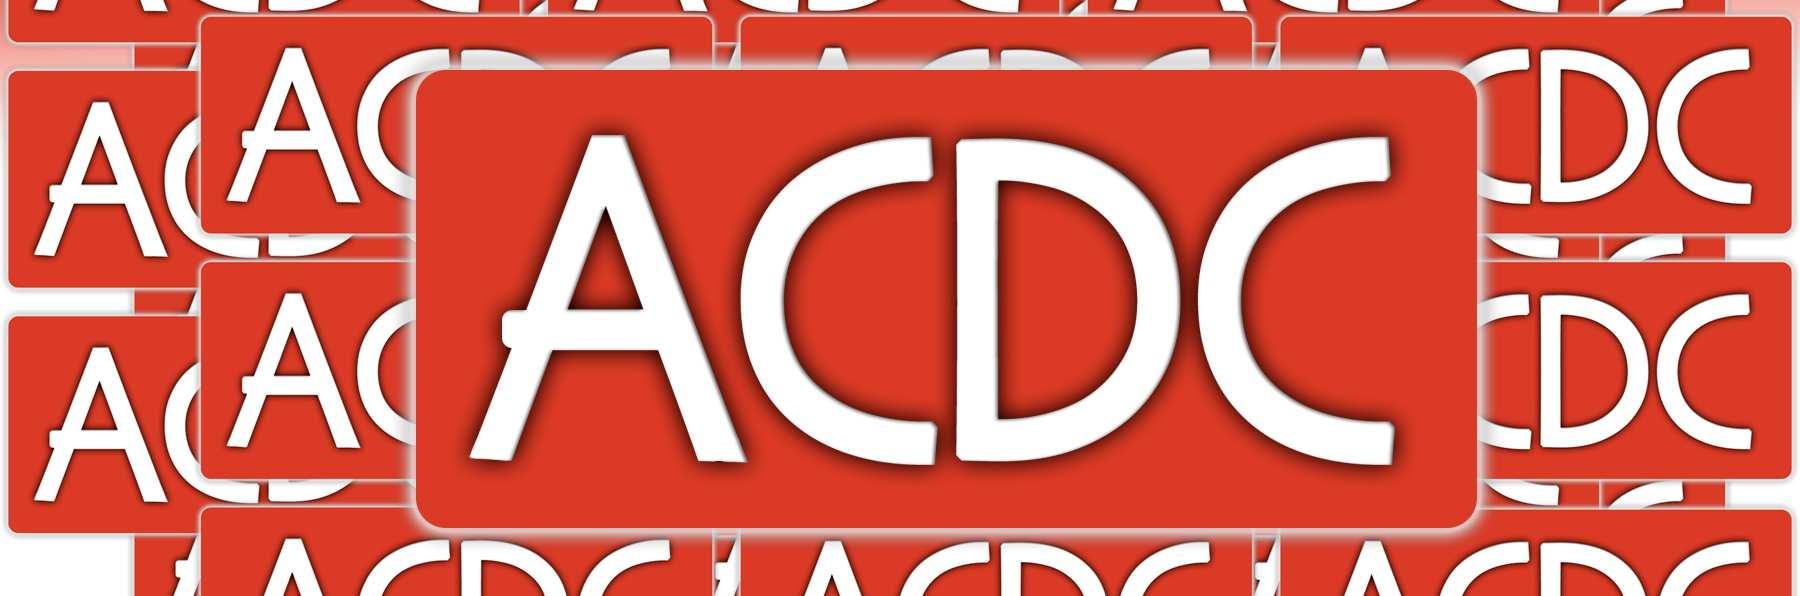 ACDC - Acción Ciudadana por la Democracia y la Cultura